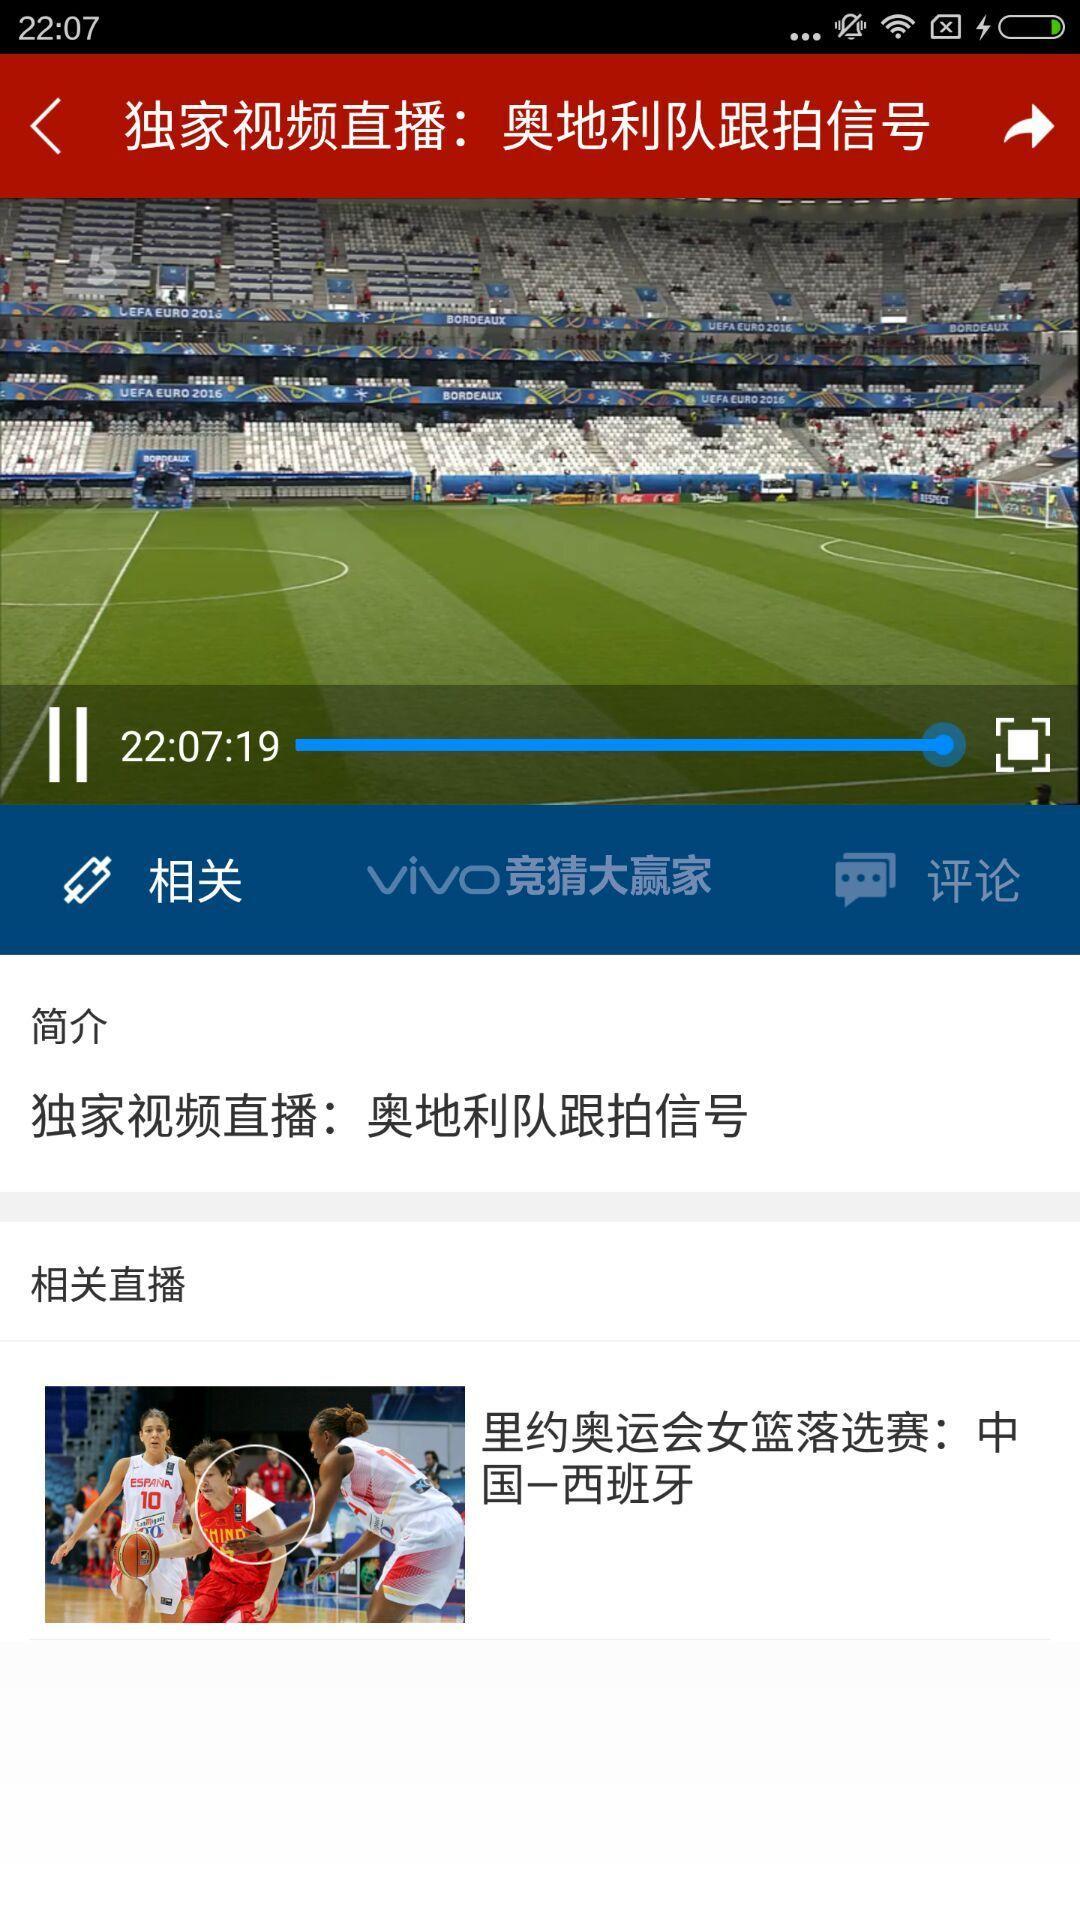 CCTV5手机客户端|CCTV5手机客户端 V2.0.9 安卓版 下载 ...